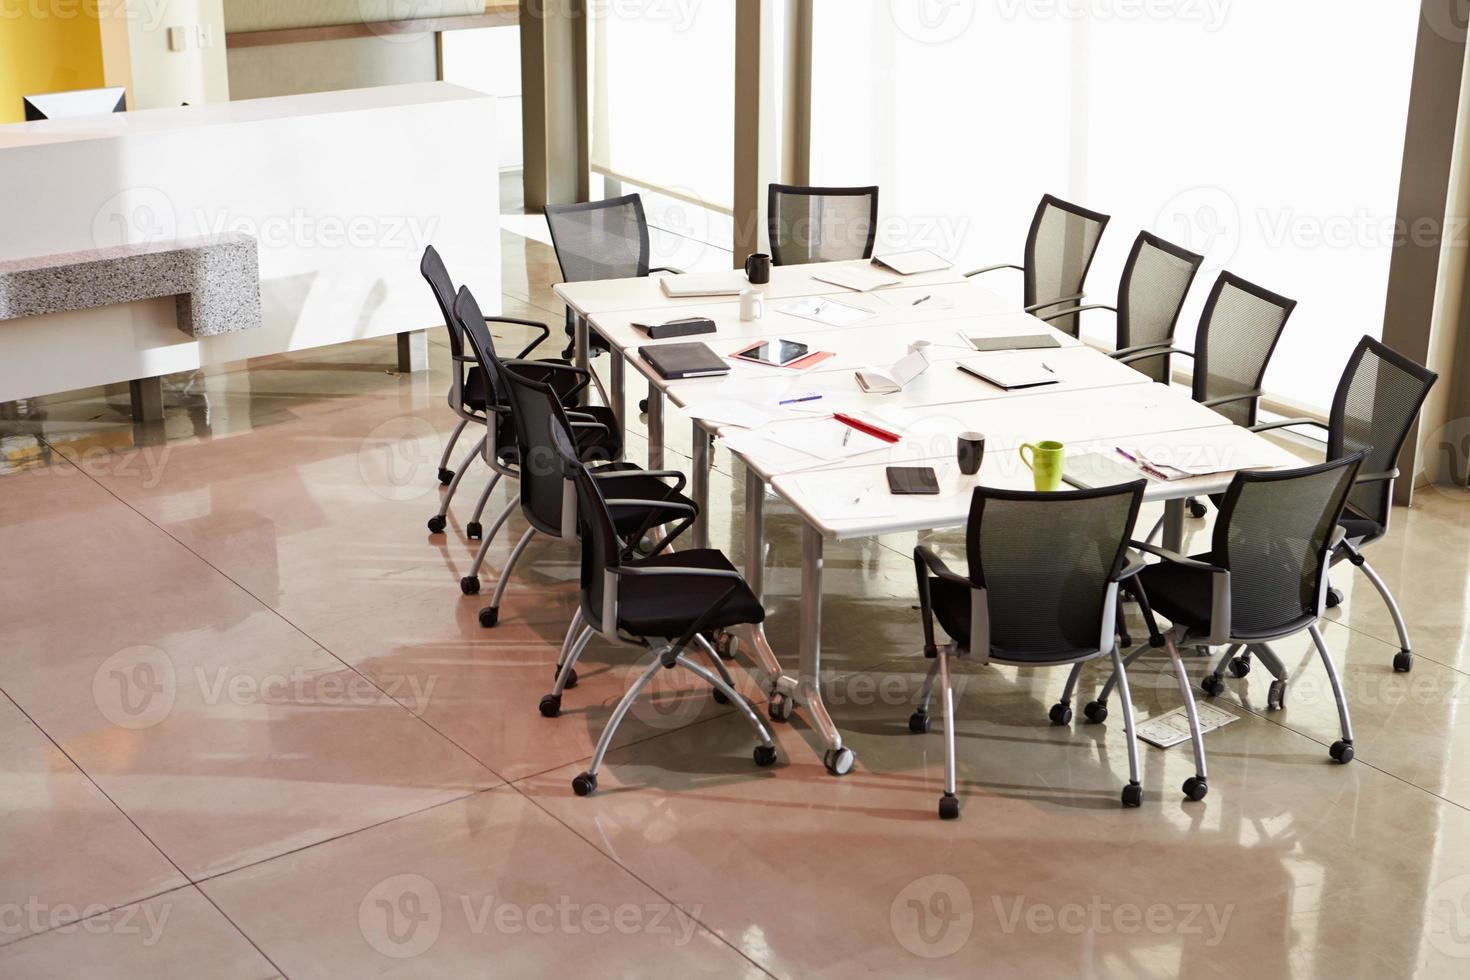 Stühle um leeren Besprechungstisch angeordnet foto